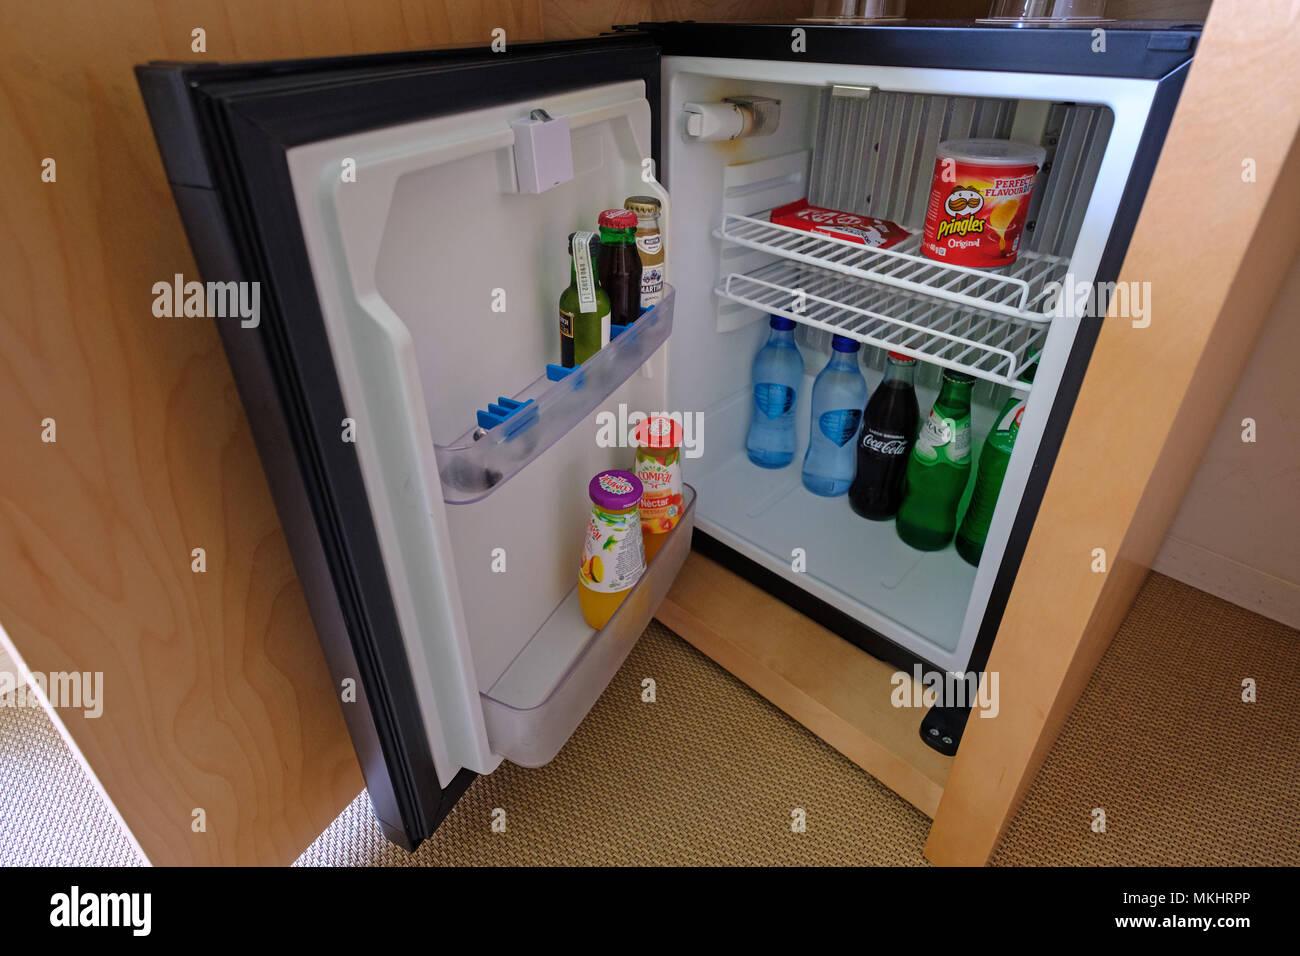 Mini Kühlschrank Mit Fenster : Mini kühlschrank mit fenster: kleiner kühlschrank wohnzimmer mini